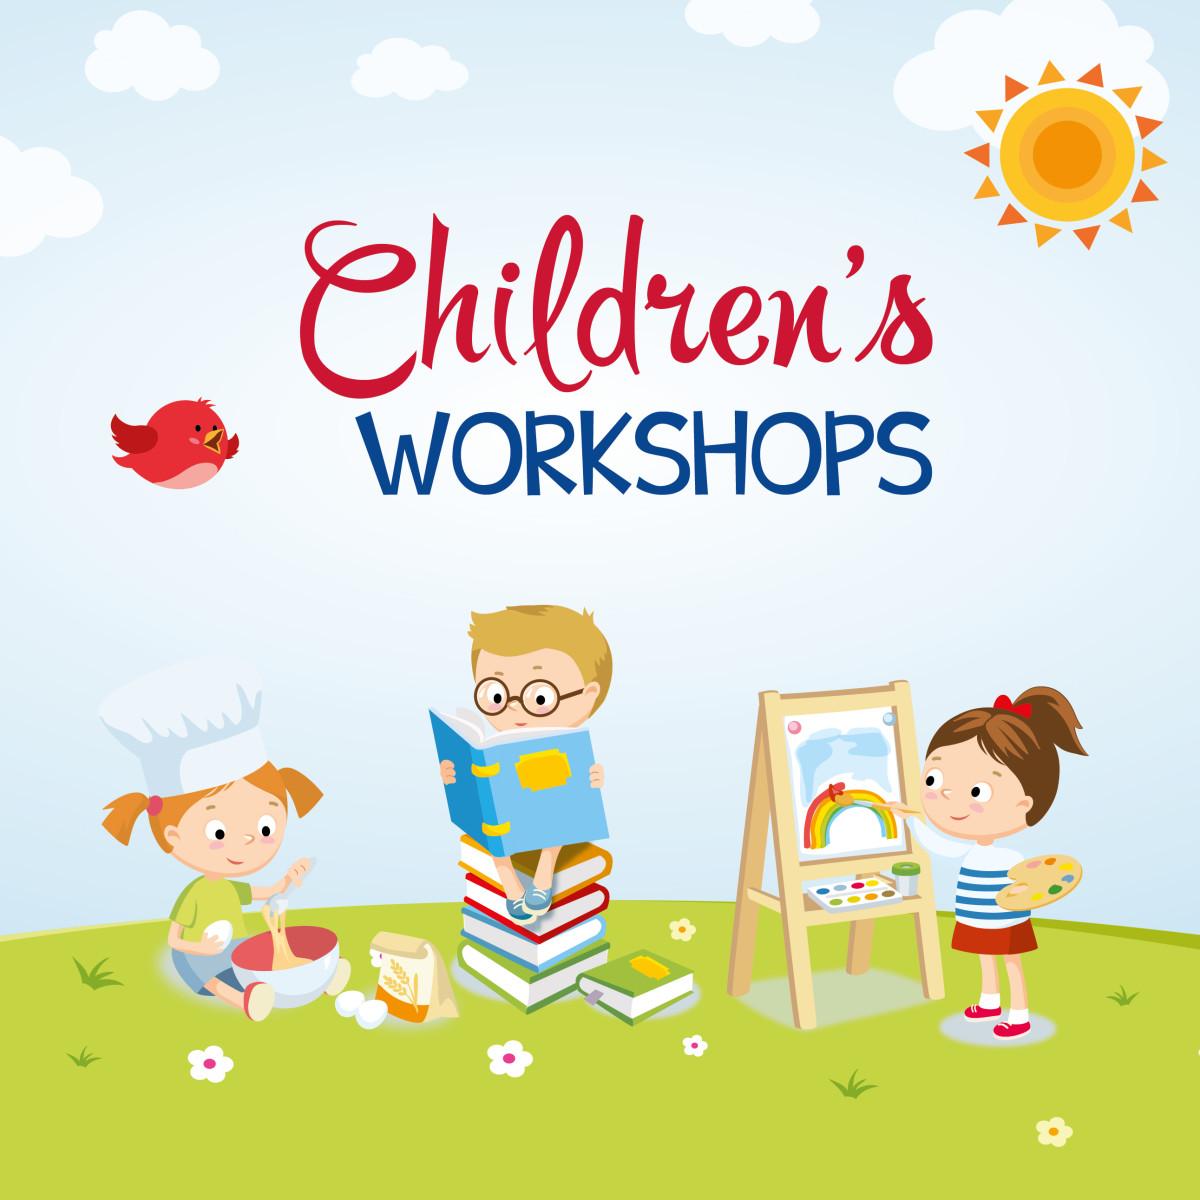 Children's workshops